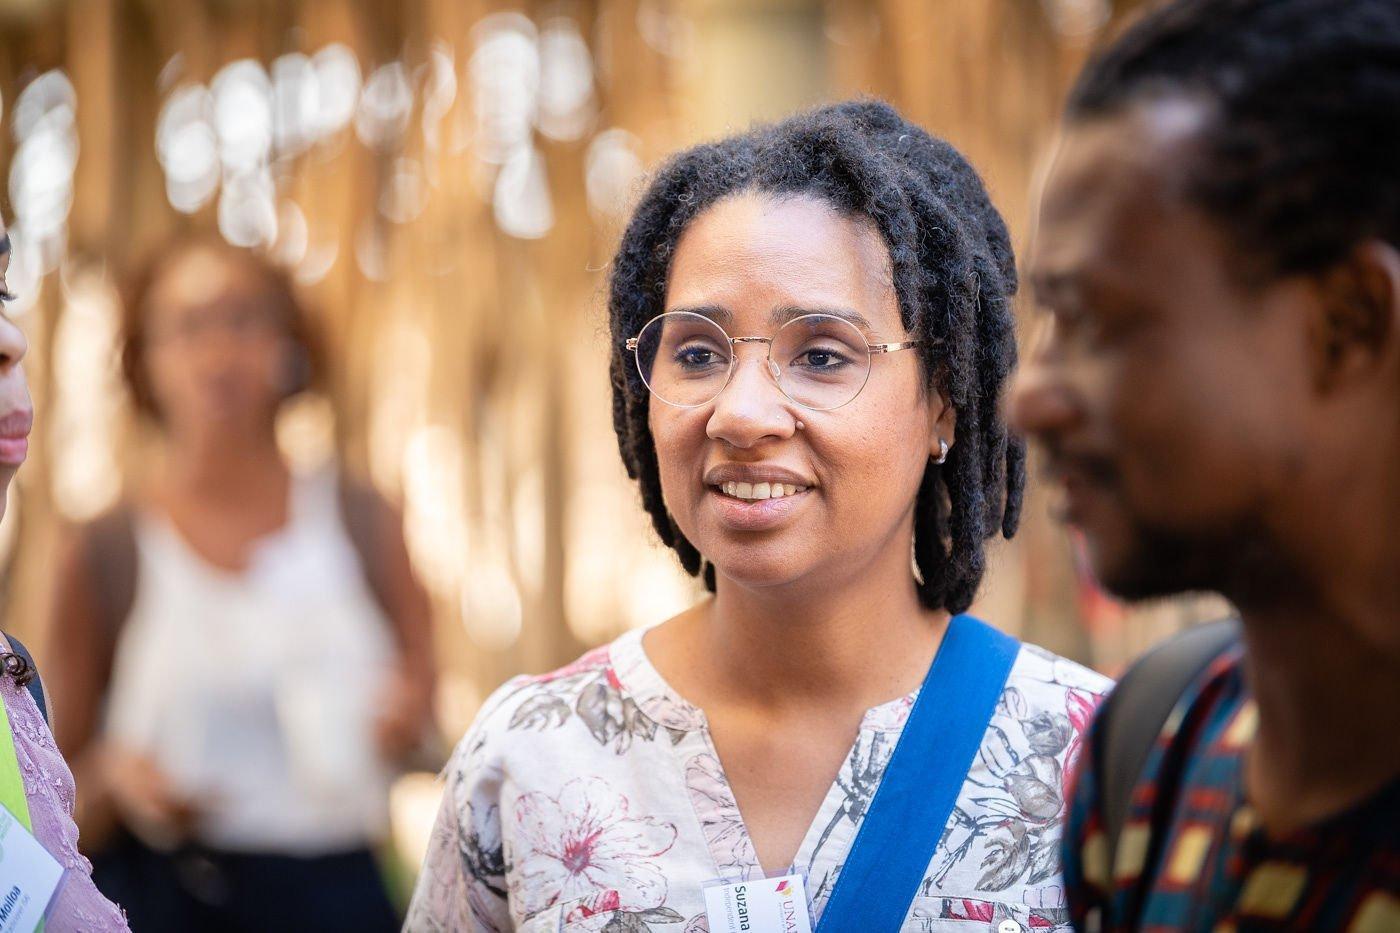 Portraetfoto von Suzana Sousa bei den Museumsgesprächen